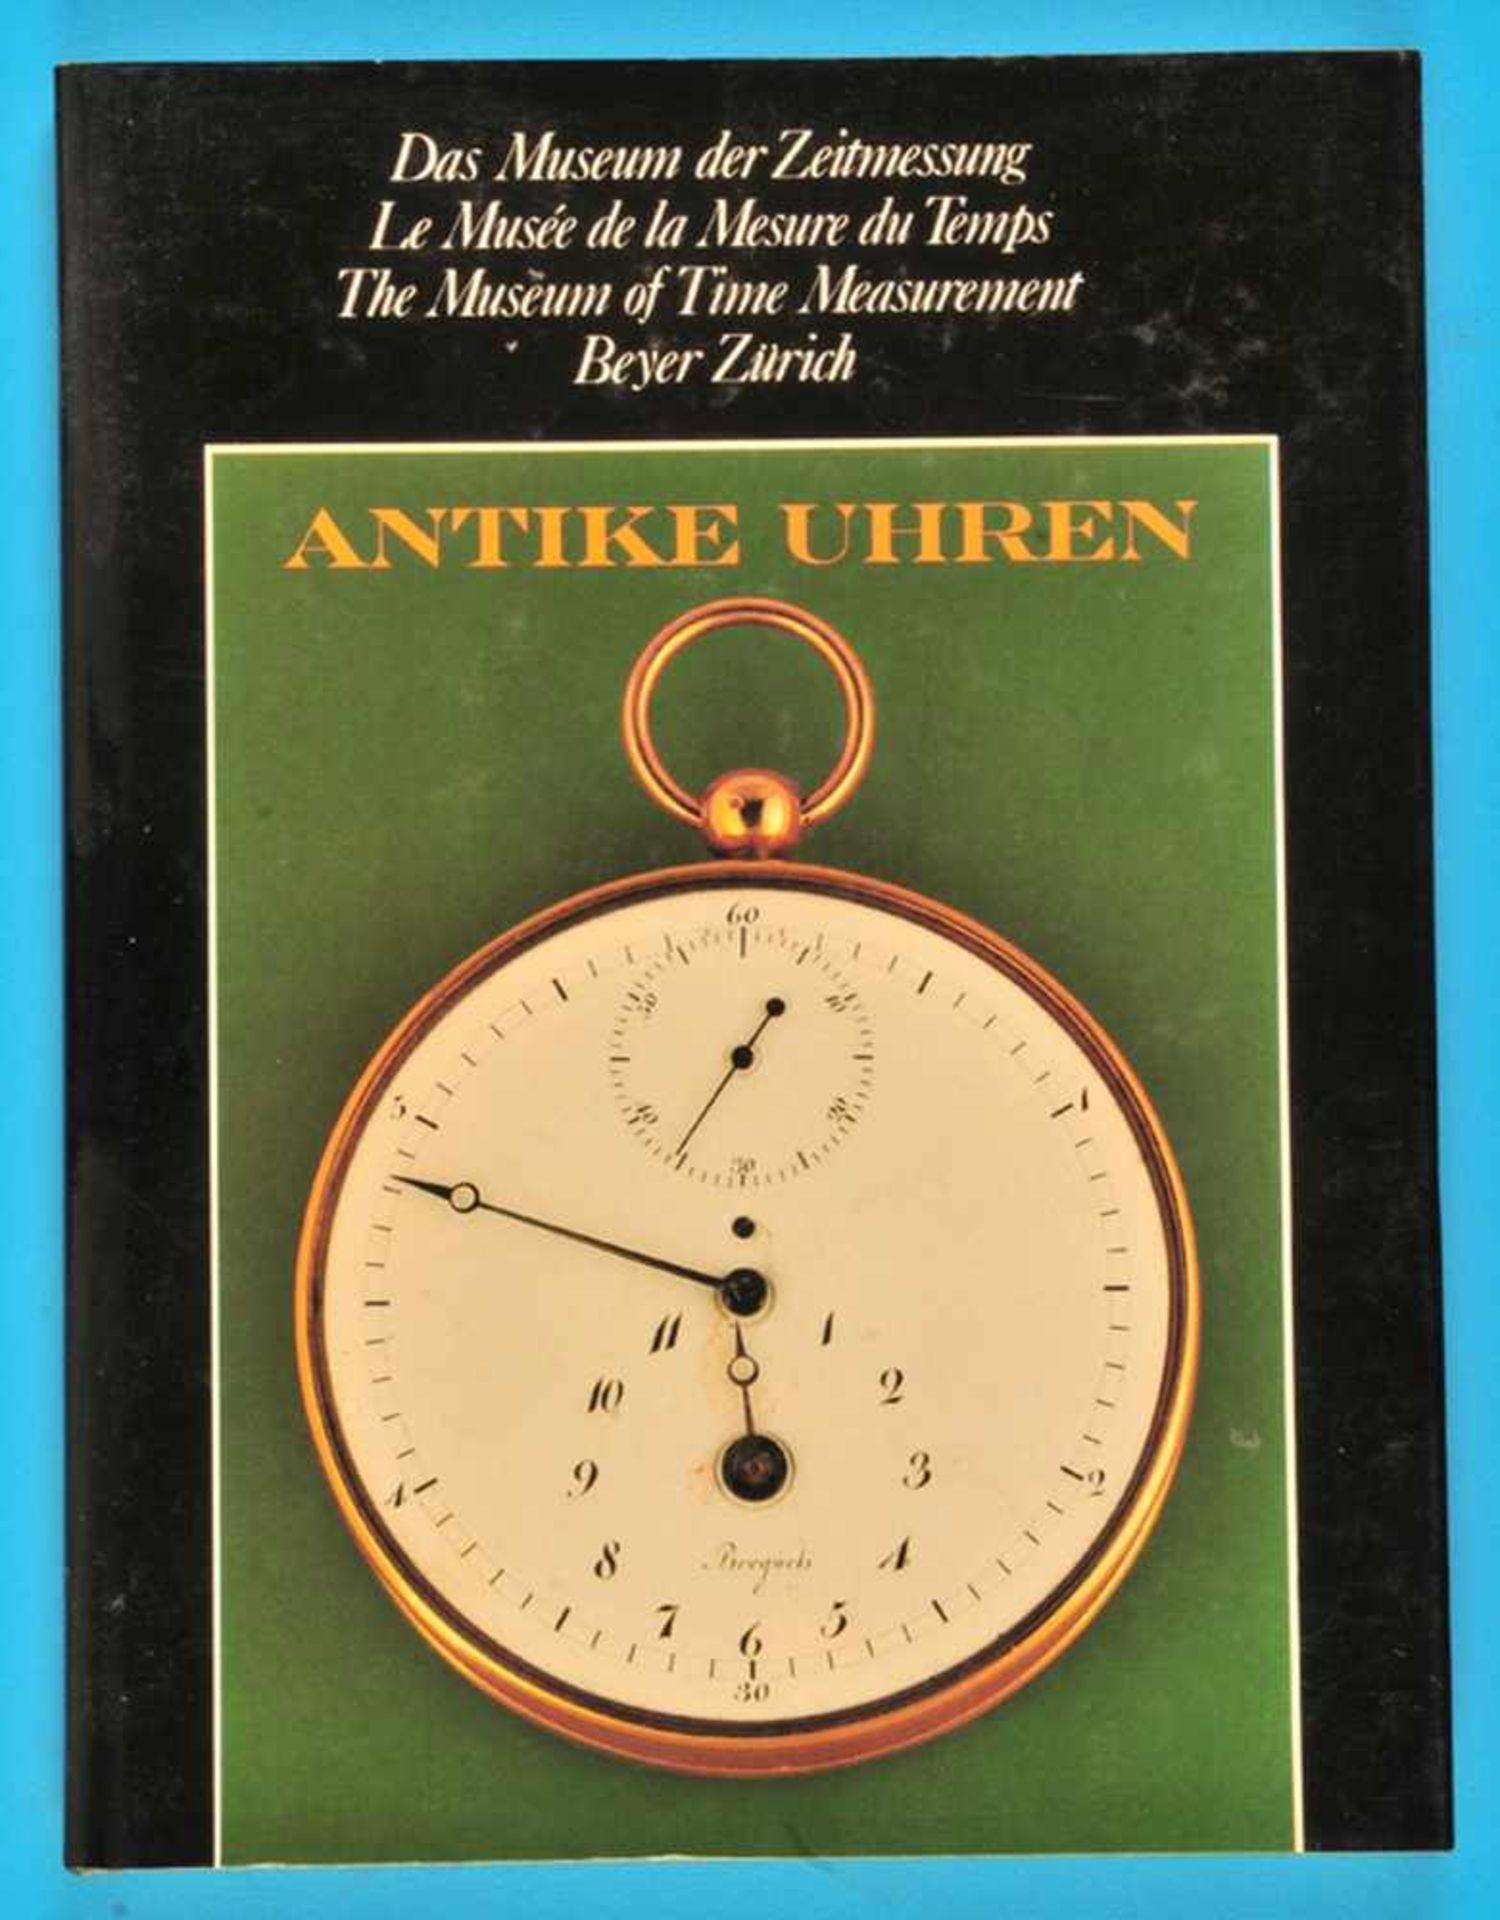 Los 24 - Beyer, Antike Uhren – Das Museum der Zeitmessung, 1982Beyer, Antike Uhren – Das Museum der